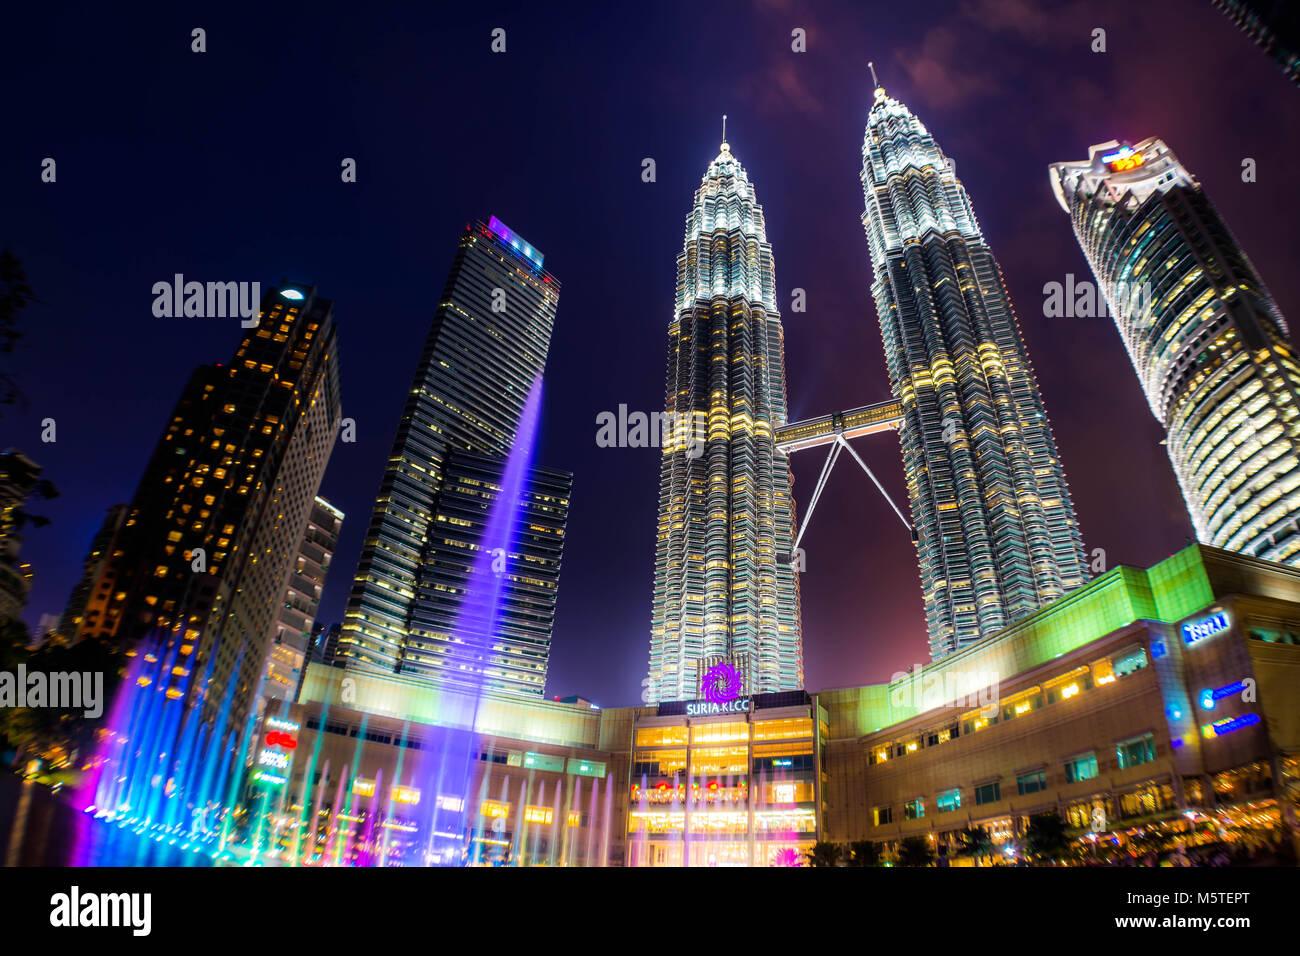 Kuala Lumpur - Torres Petronas KLCC Park - Malasia Imagen De Stock